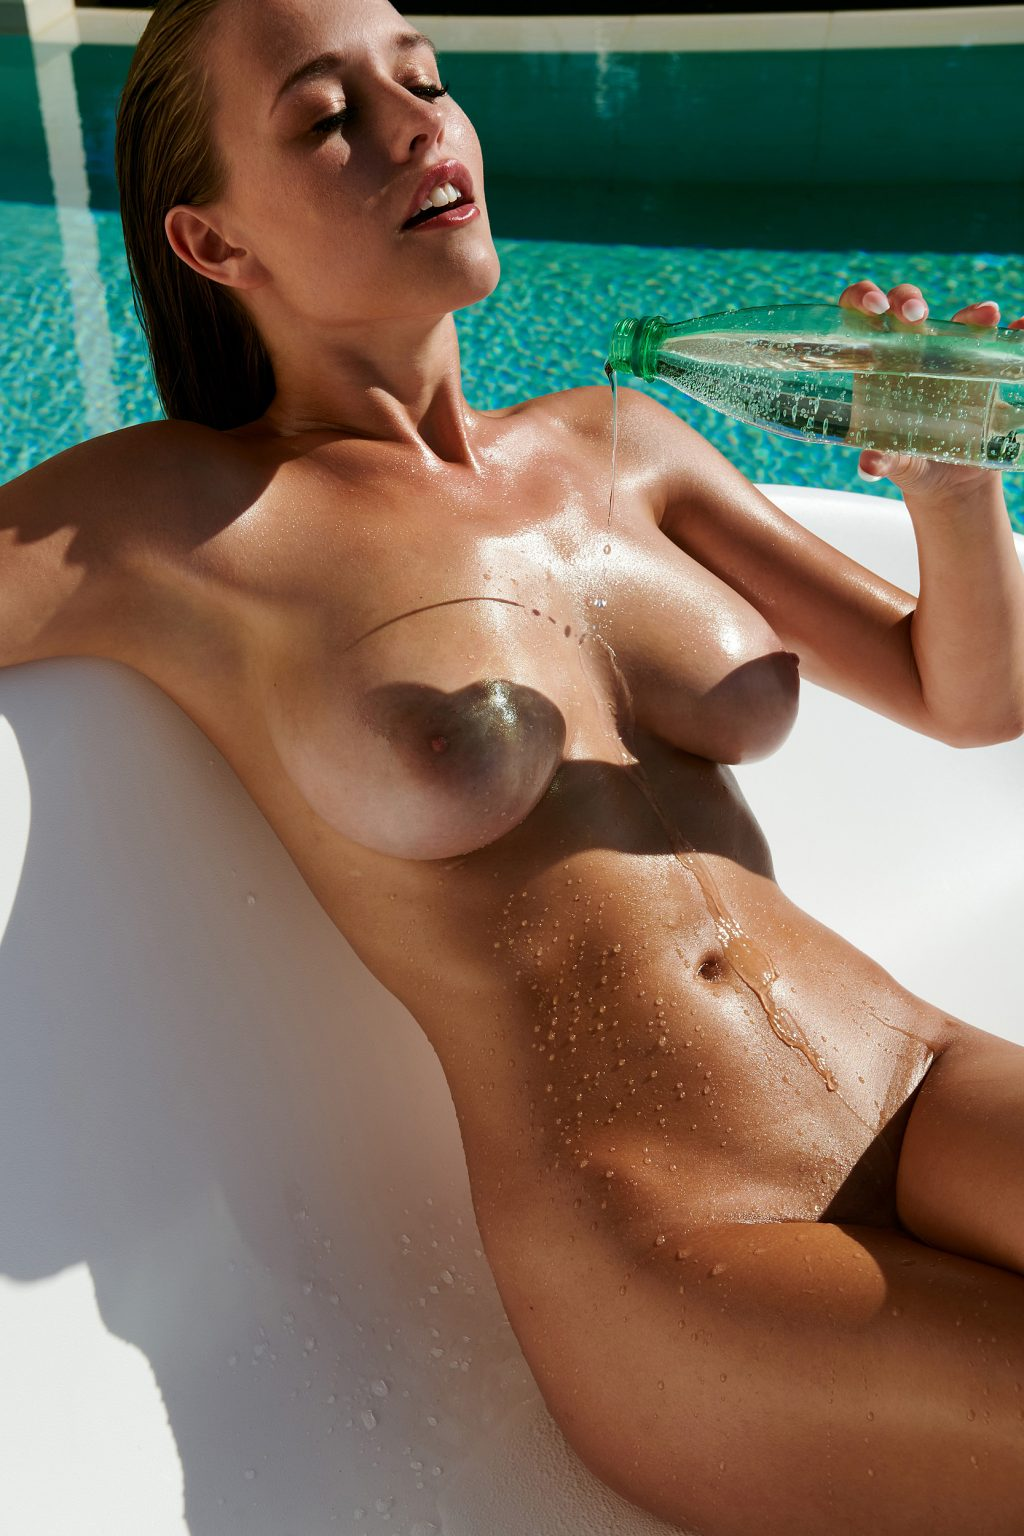 Badunkadunk nude